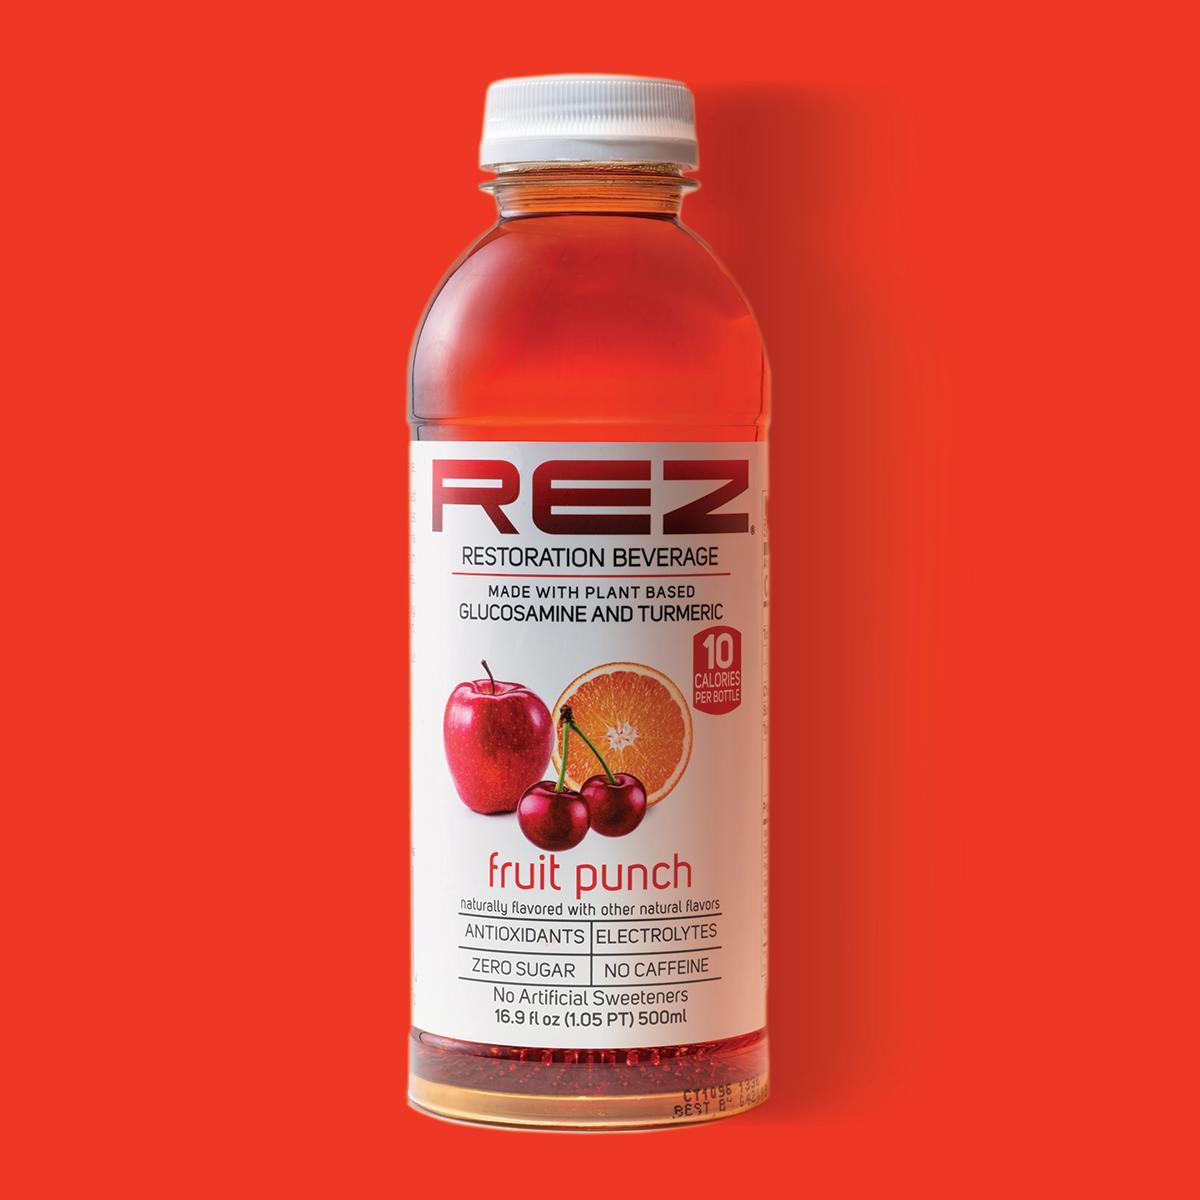 fruit-punch-drink-rez-restoration-beverage